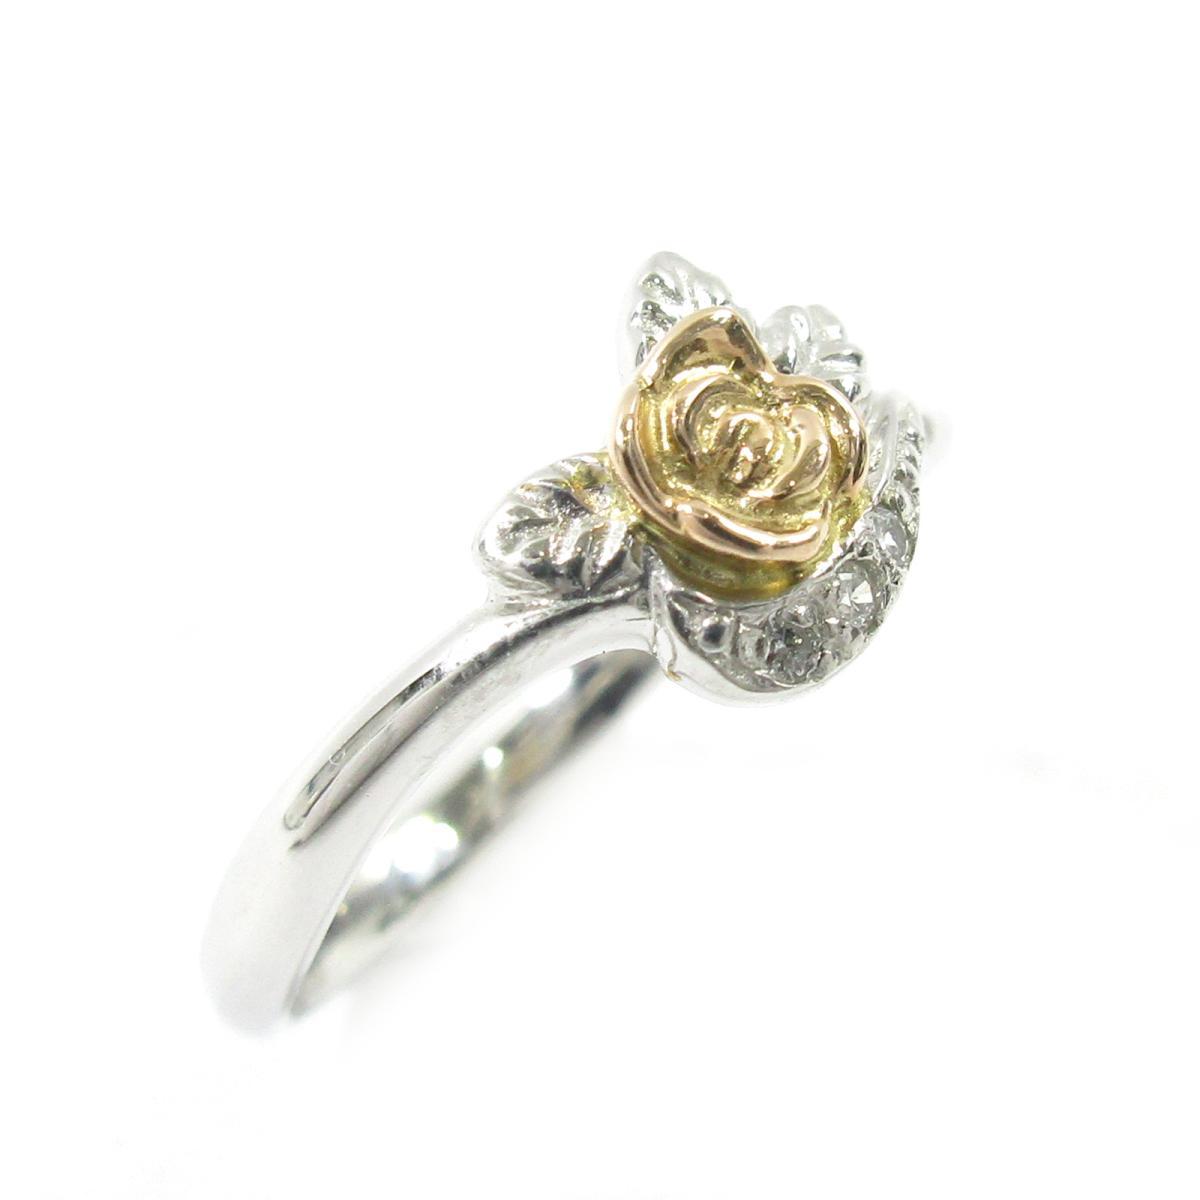 【中古】 ジュエリー ダイヤモンドリング 指輪 レディース PT900 プラチナ X K18 (イエローゴールド) ダイヤモンド0.03ct シルバー ゴールド | JEWELRY BRANDOFF ブランドオフ ブランド アクセサリー リング